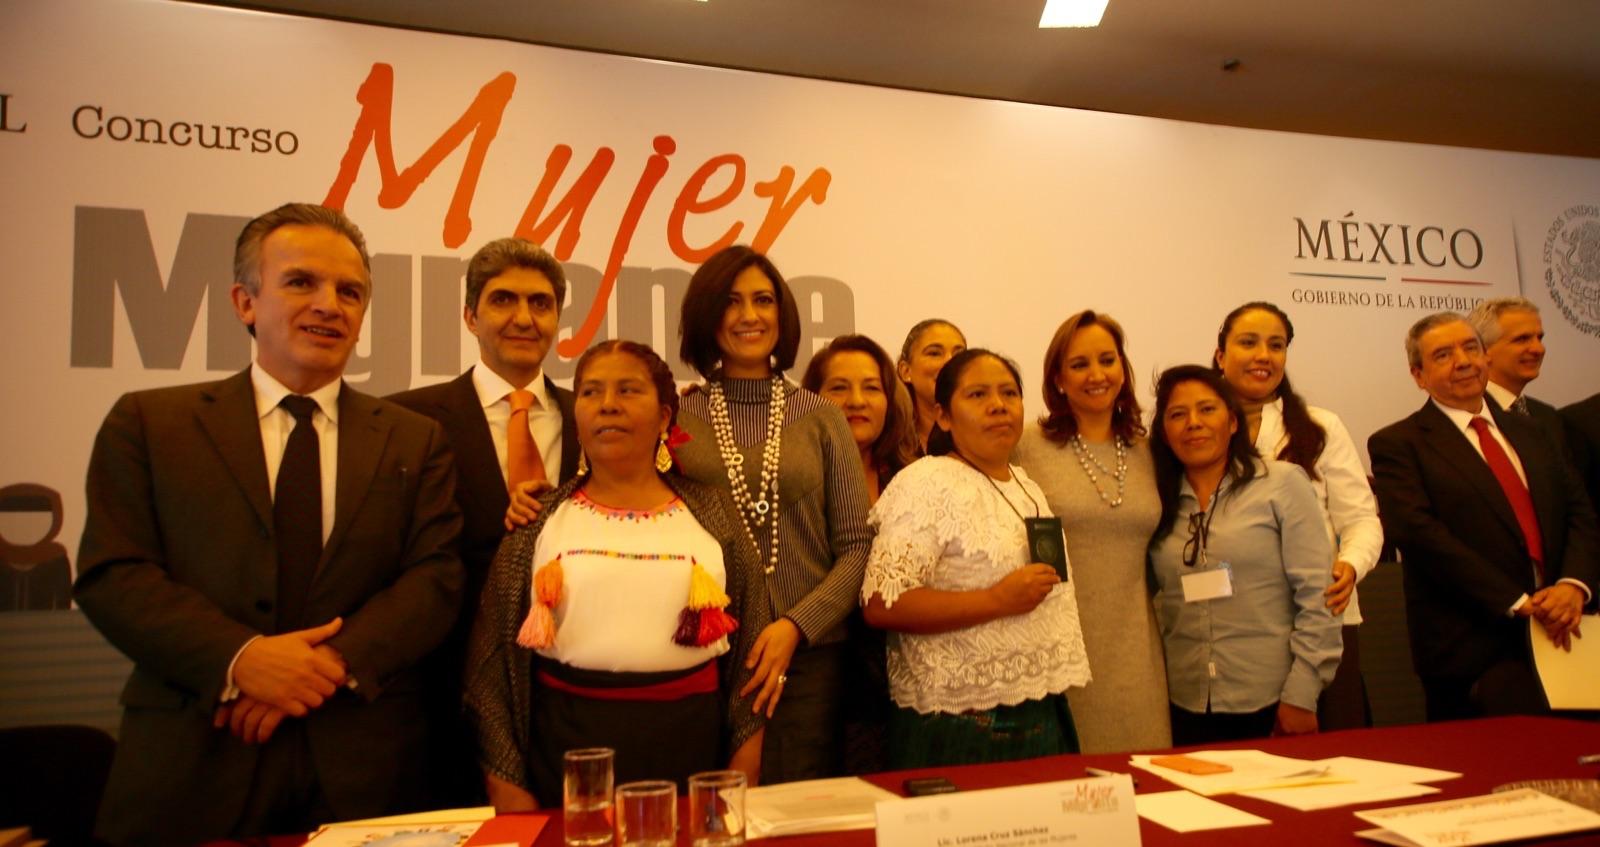 """A nombre del secretario José Antonio Meade, el subsecretario Nemer participó en entrega del premio """"Mujer migrante, cuéntame tu historia"""" organizado por Inmujeres"""